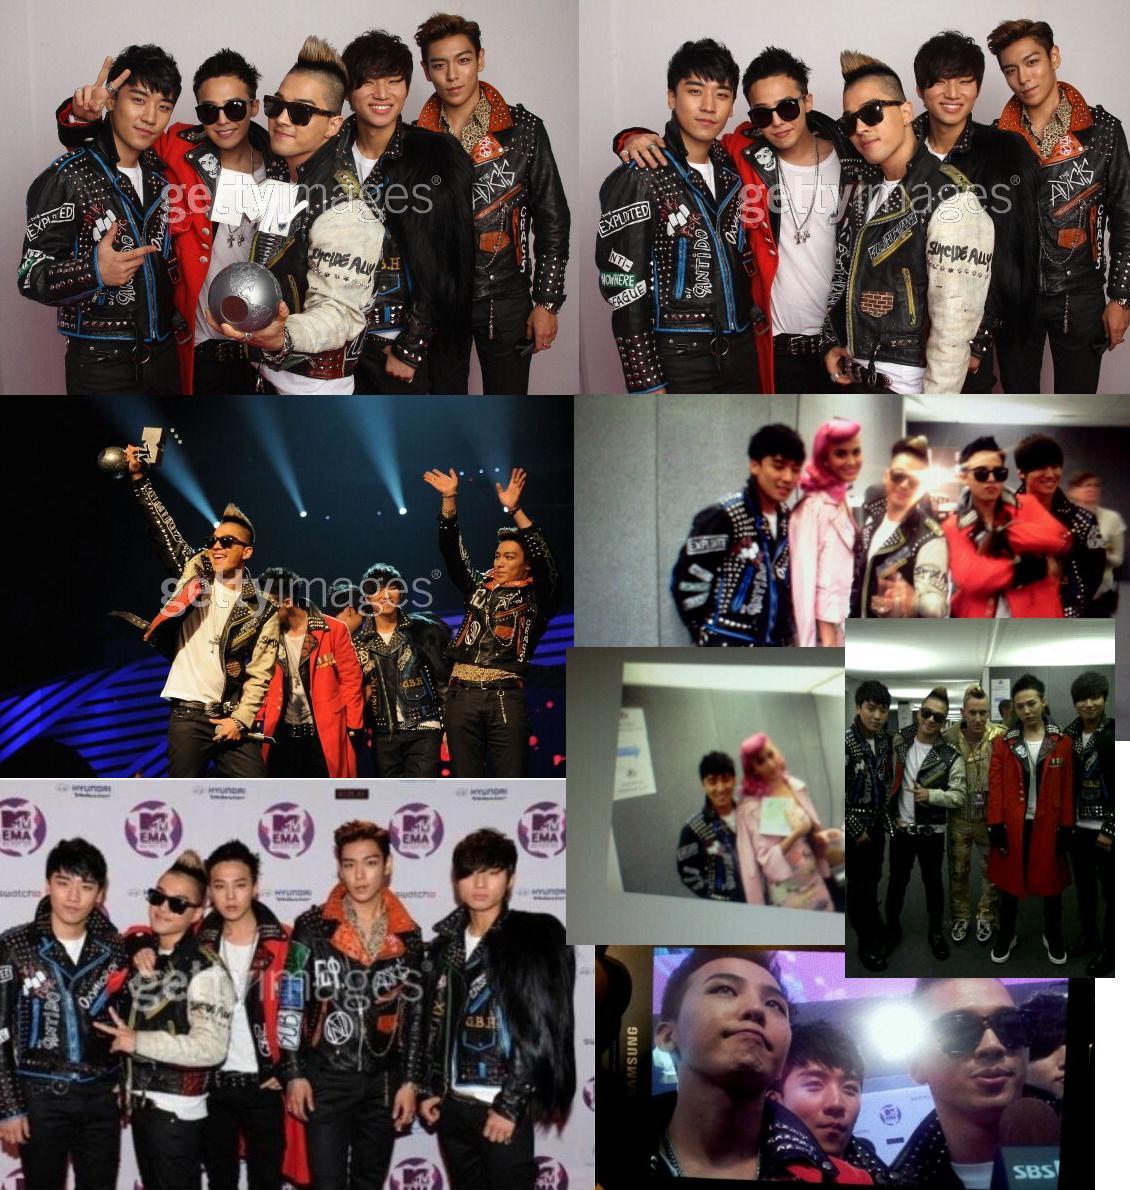 http://images5.fanpop.com/image/photos/26600000/mtv-ema-2011-big-bang-26625978-1130-1190.jpg